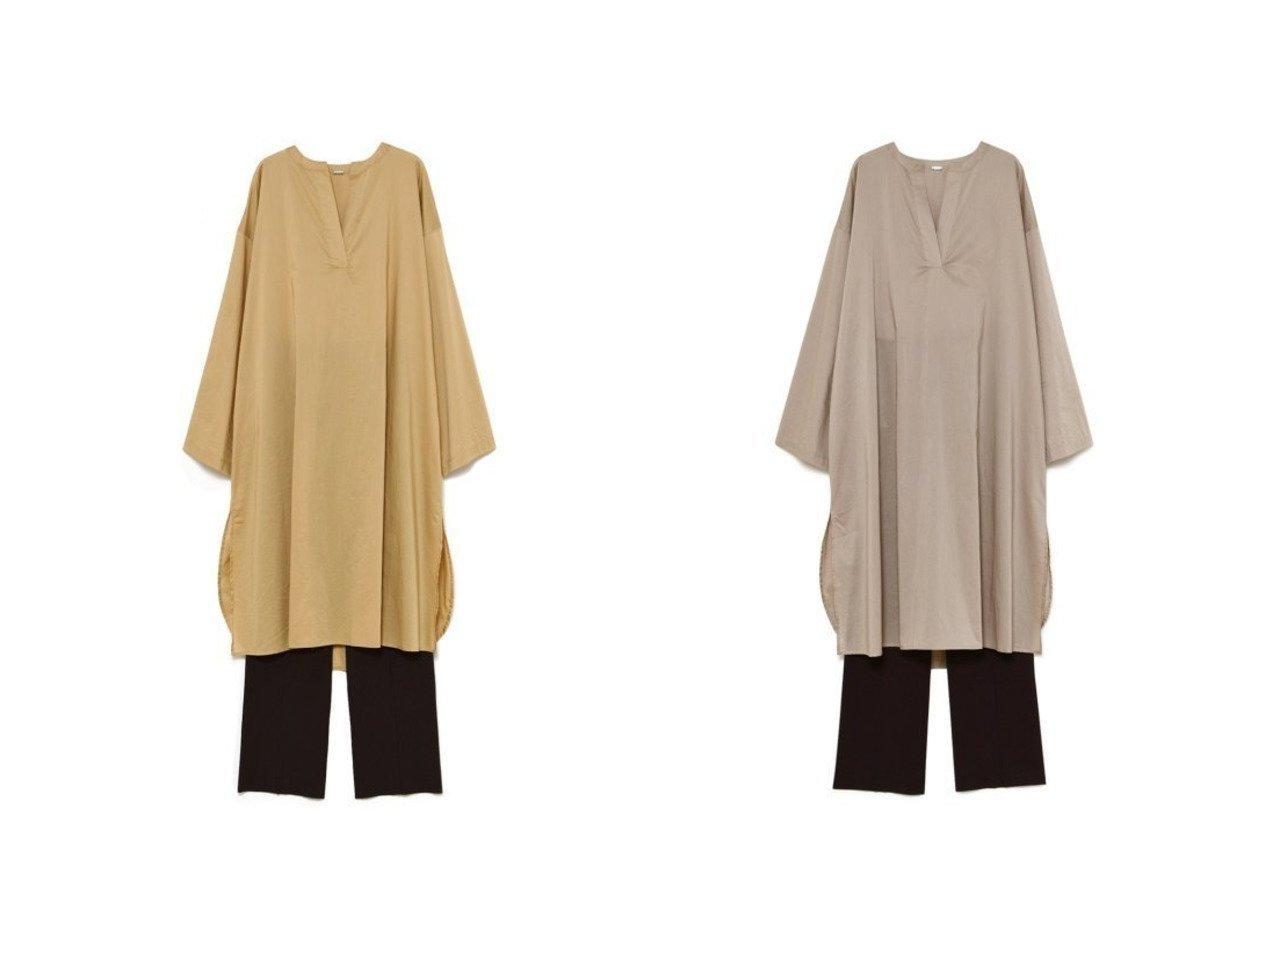 【Mila Owen/ミラオーウェン】のシワシャツワンピ×ニットスキニーパンツセット ワンピース・ドレスのおすすめ!人気、レディースファッションの通販 おすすめで人気のファッション通販商品 インテリア・家具・キッズファッション・メンズファッション・レディースファッション・服の通販 founy(ファニー) https://founy.com/ ファッション Fashion レディース WOMEN トップス Tops Tshirt ニット Knit Tops シャツ/ブラウス Shirts Blouses ワンピース Dress シャツワンピース Shirt Dresses セットアップ Setup トップス Tops パンツ Pants スマート スリット セットアップ チュニック ロング |ID:crp329100000001823